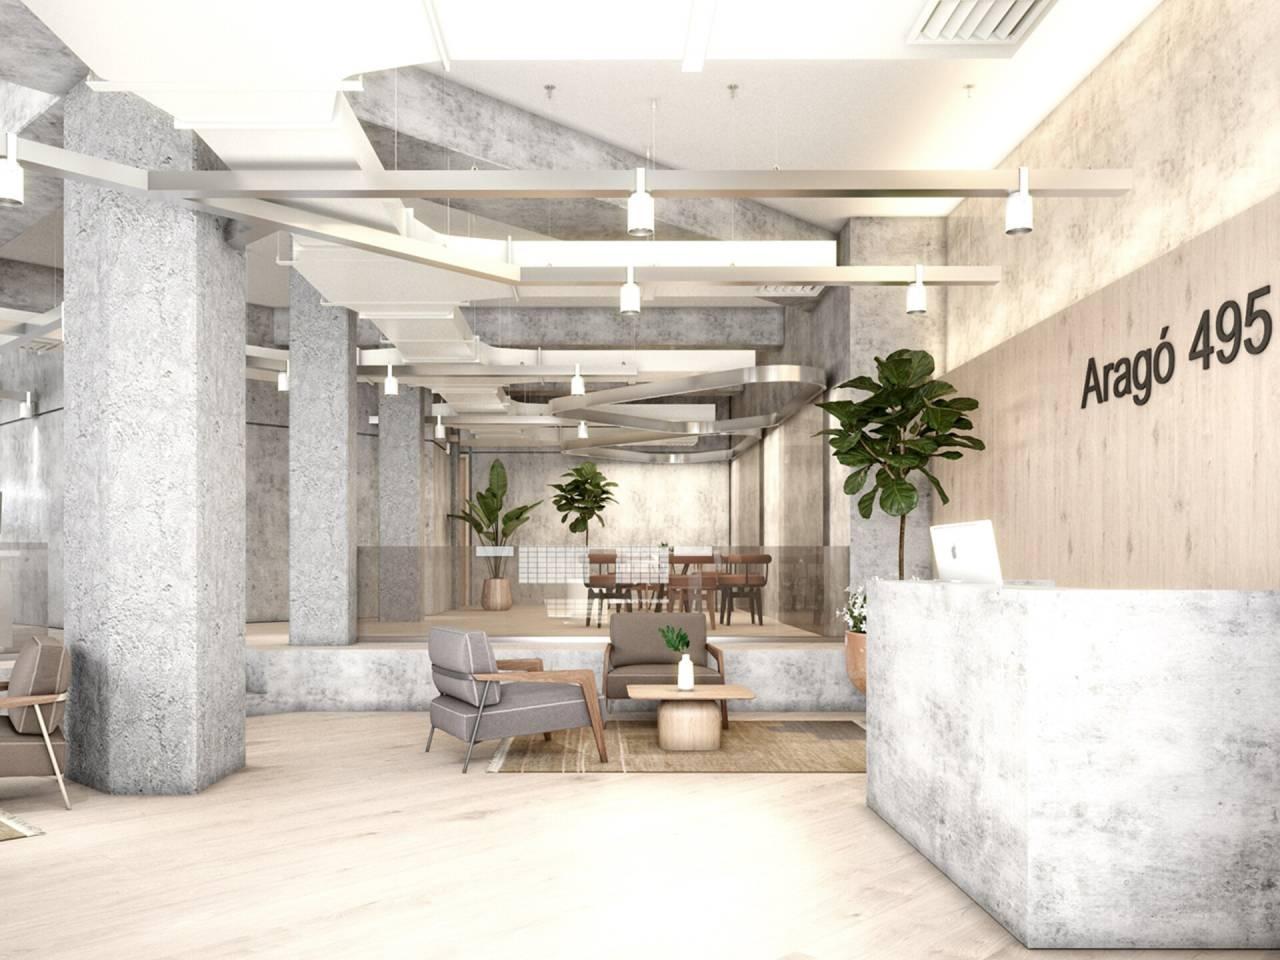 Aragó 495 - oficinas flexibles 02